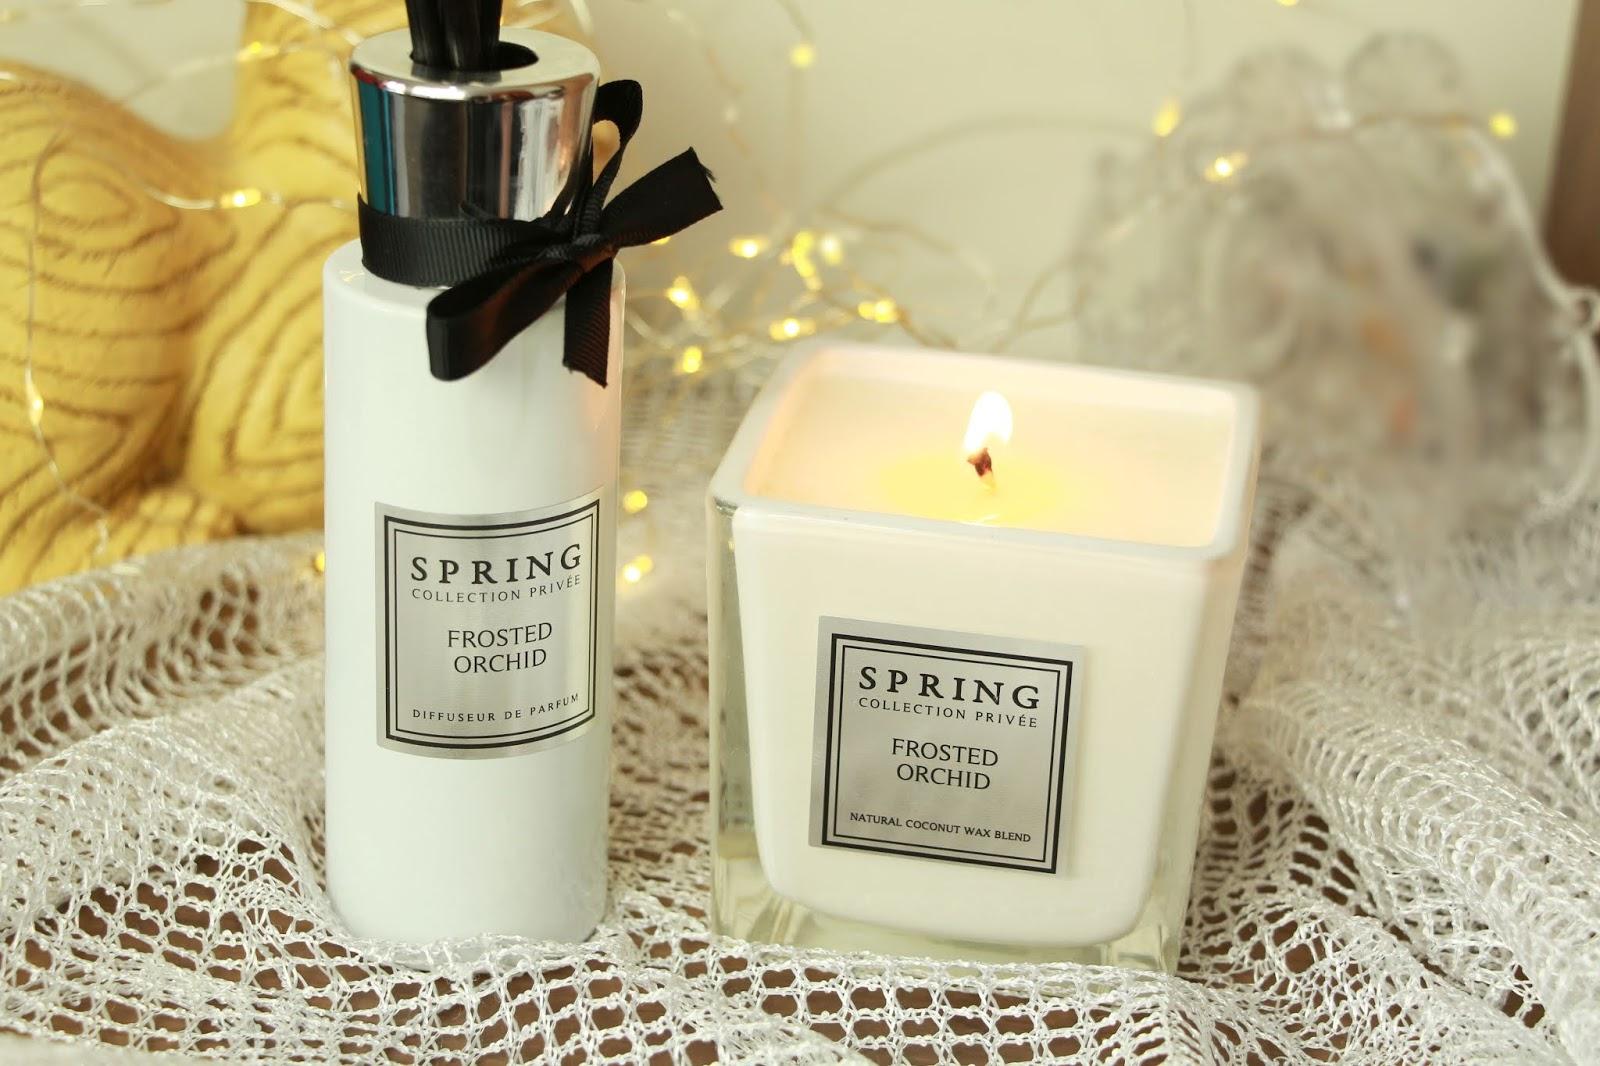 מגניב ביותר ניחוחות משכרים עם ספרינג - סקירת מפיצי ריח Private Collection LI-31